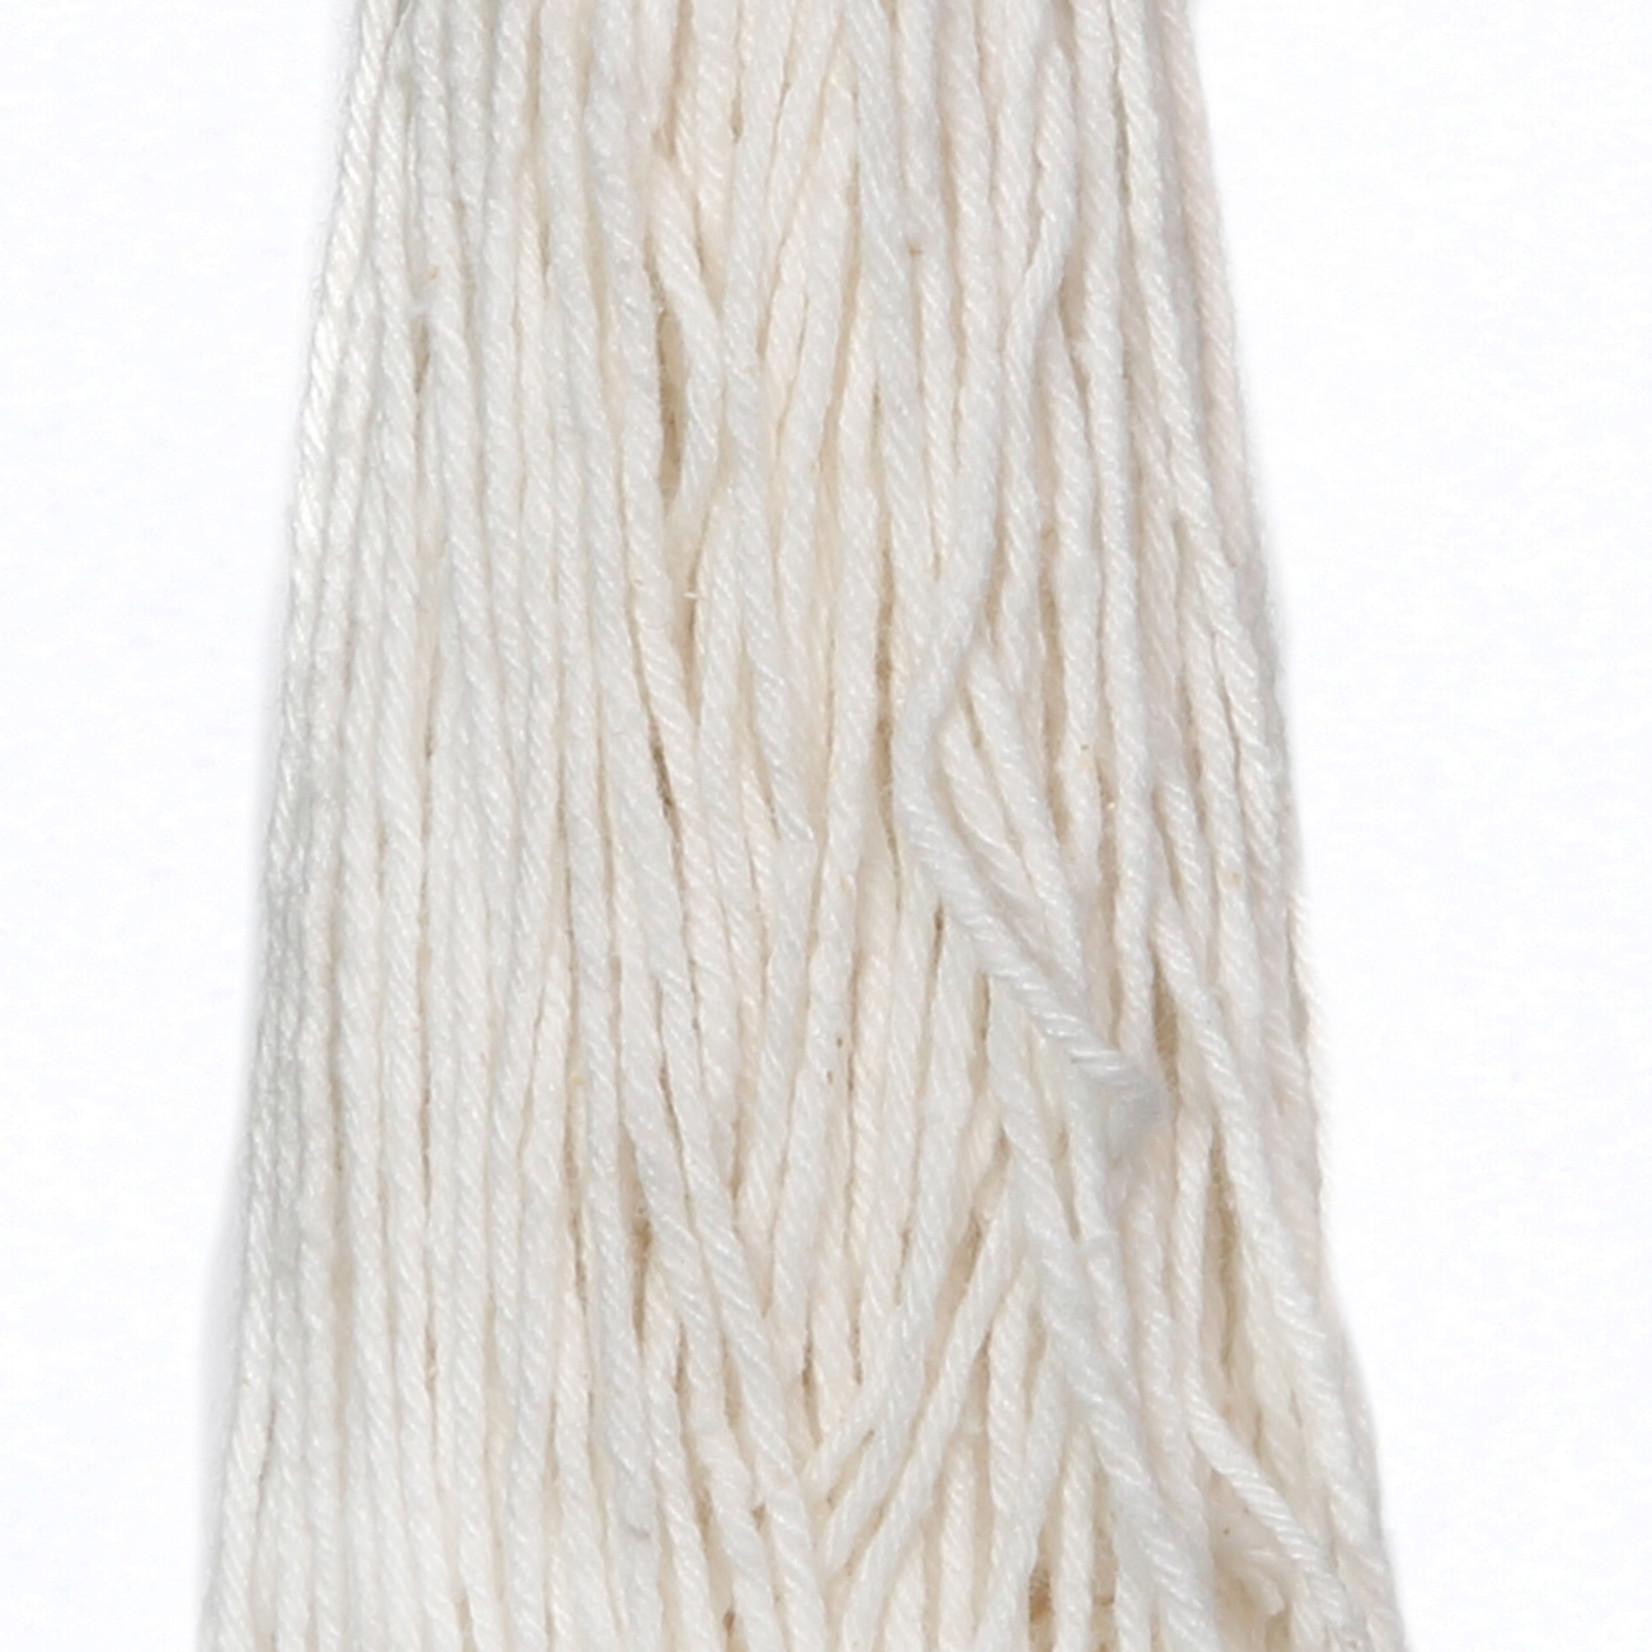 Bazar Bizar De Wooden Beads Sleutelhanger - Naturel Wit